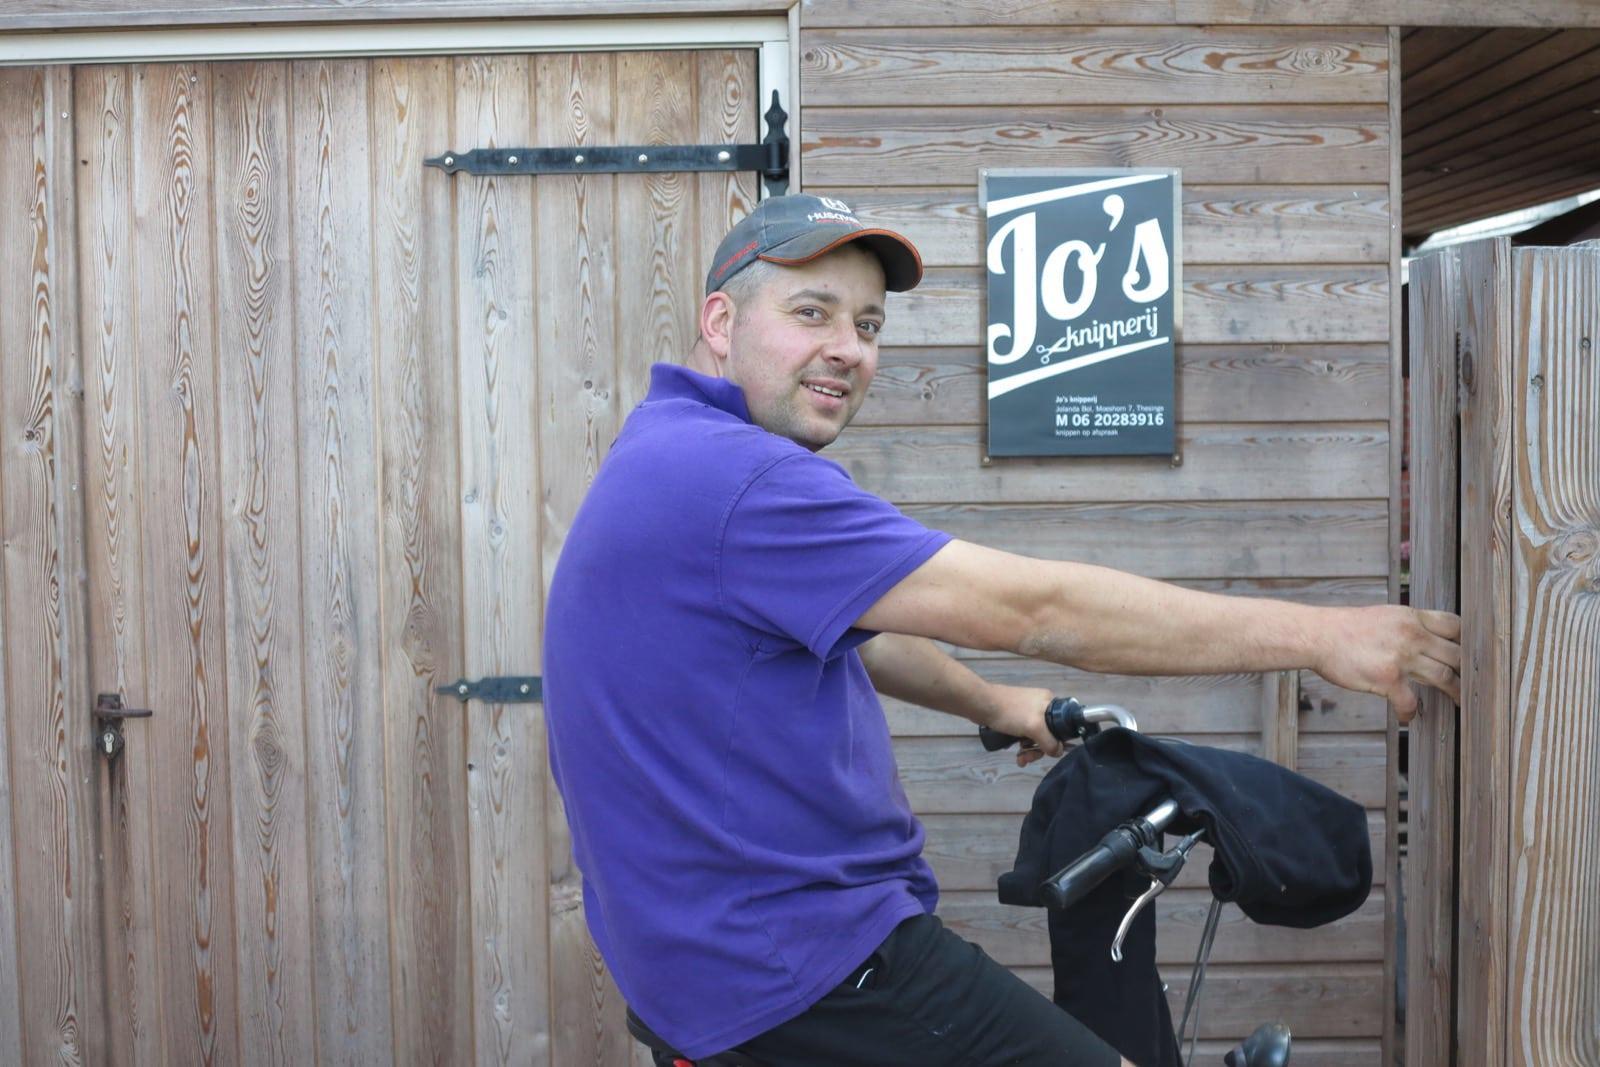 et-fiets-en-fietser-59-martijn-bol-oi.jpg